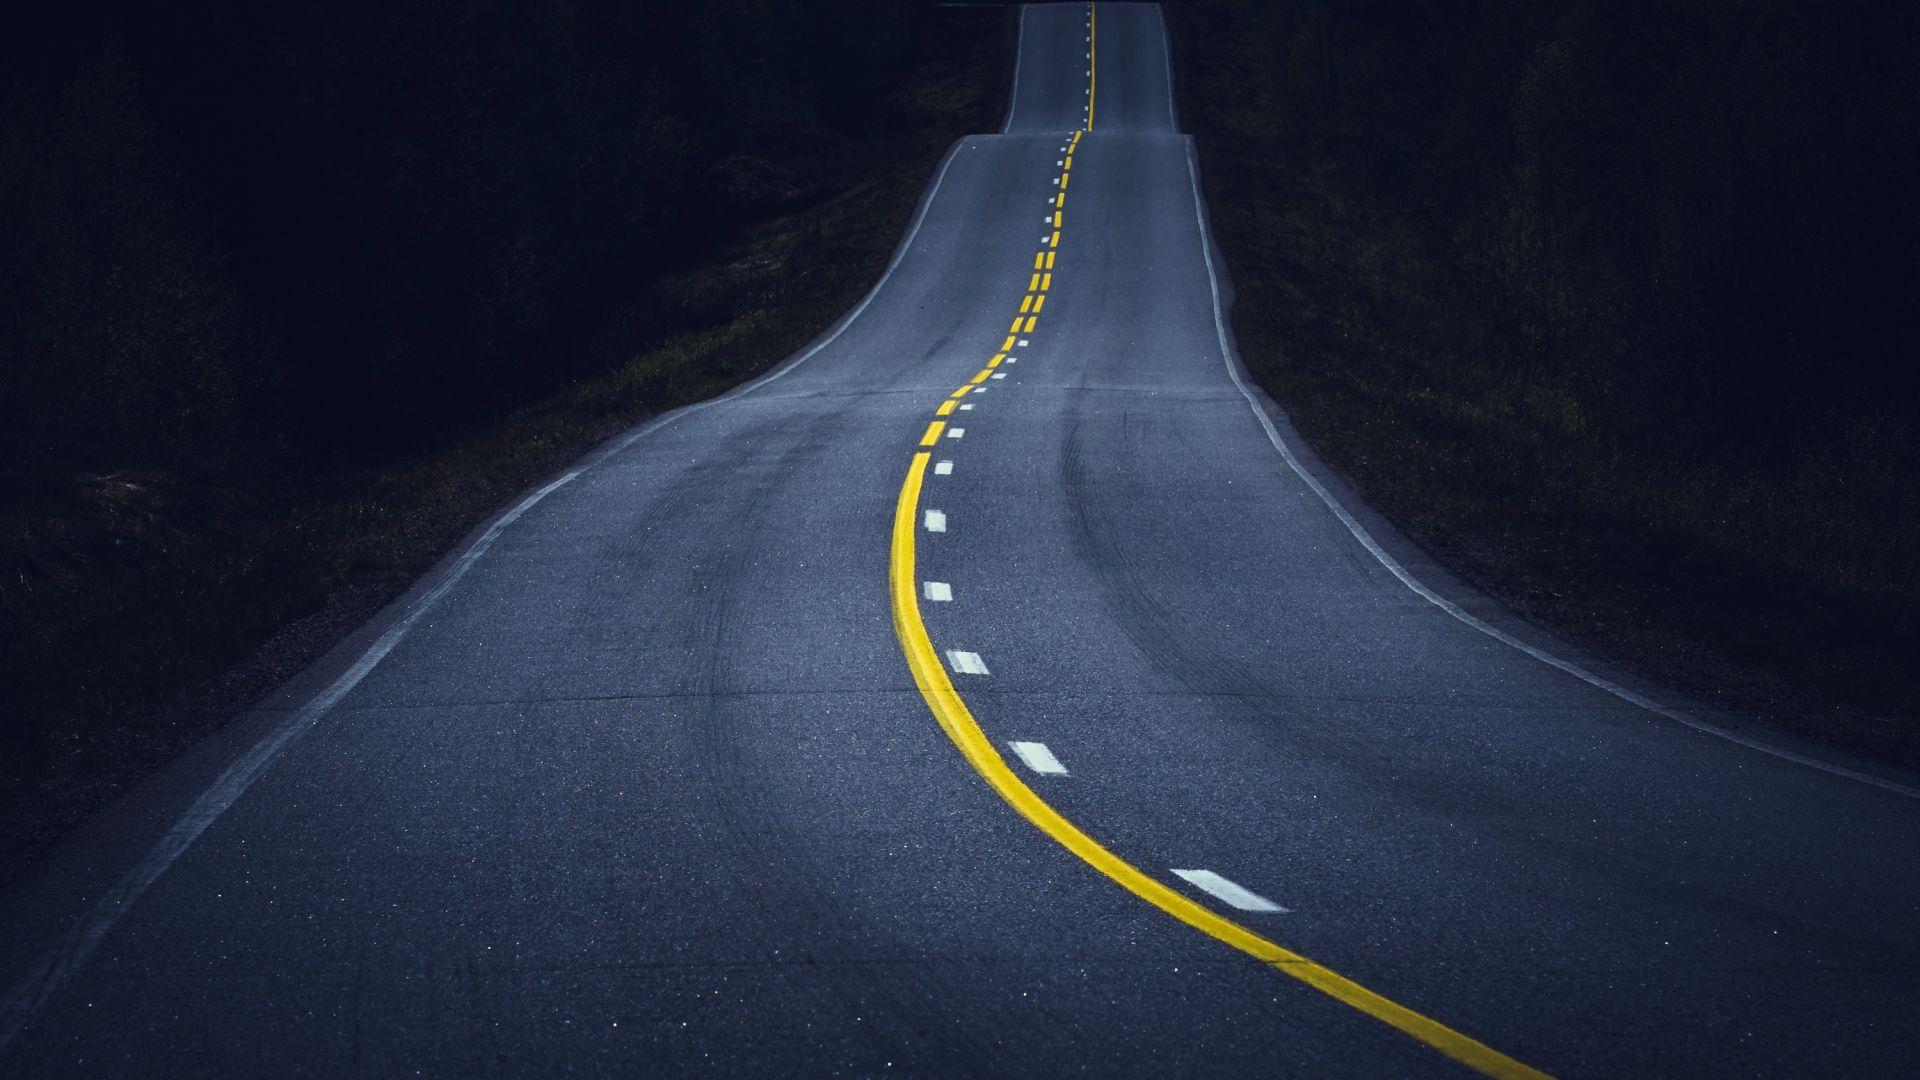 Wallpaper Midnight, road, highway